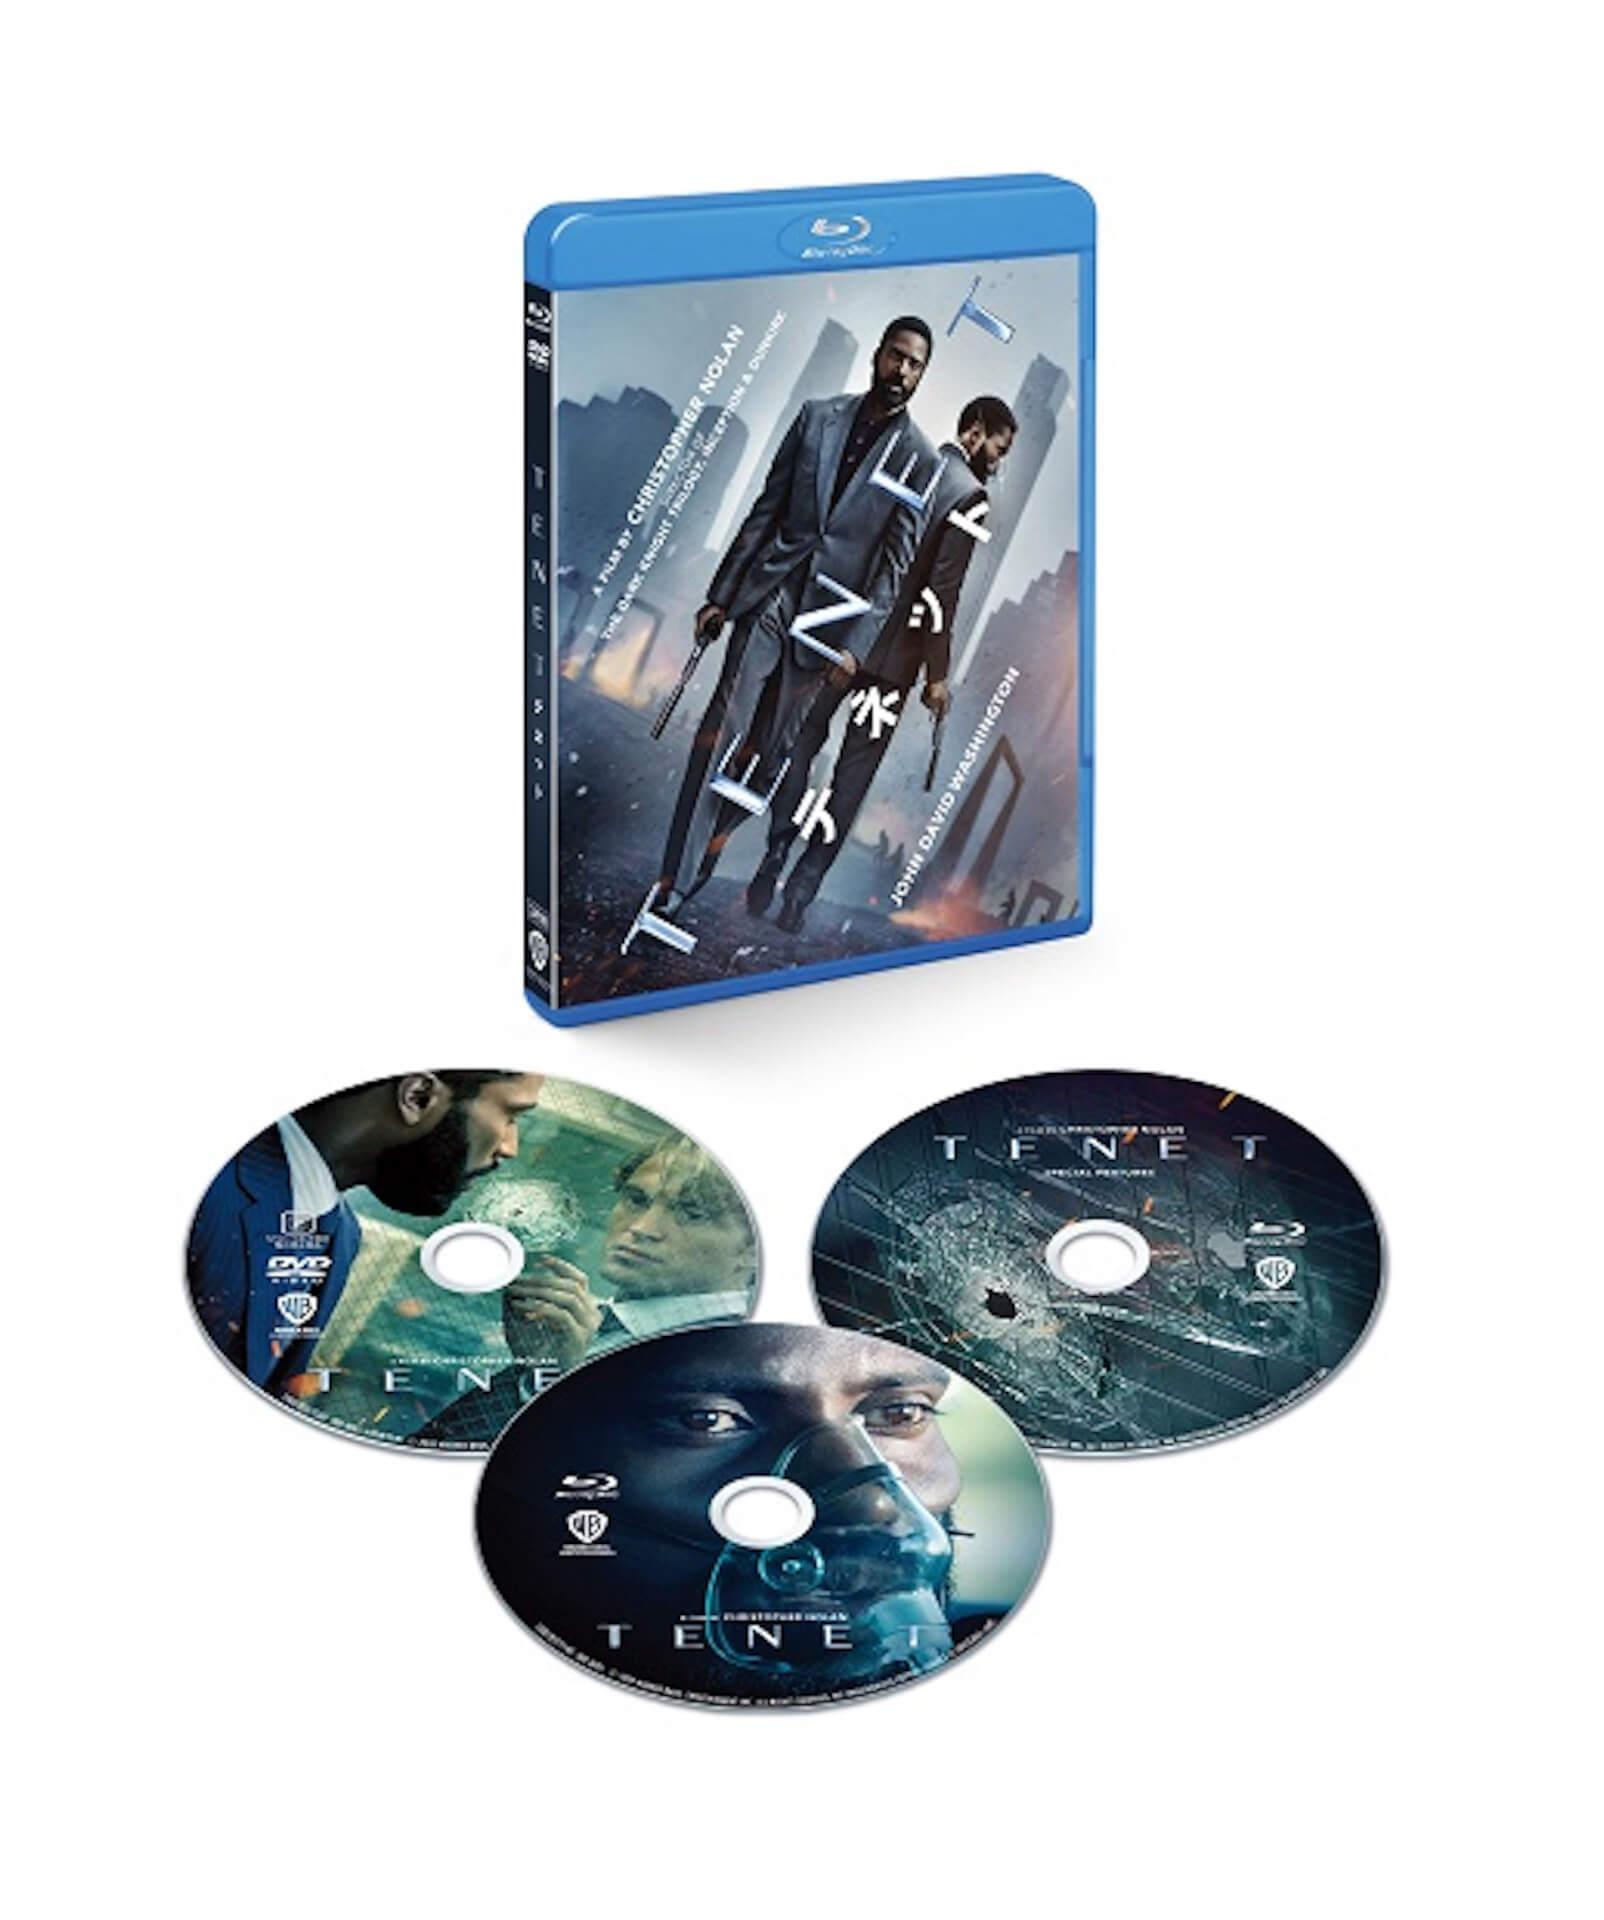 大ヒットを記録したクリストファー・ノーラン監督作『TENET テネット』が早くも12月よりダウンロード販売開始!来年1月Blu-ray&DVD発売 film201127_tenet_5